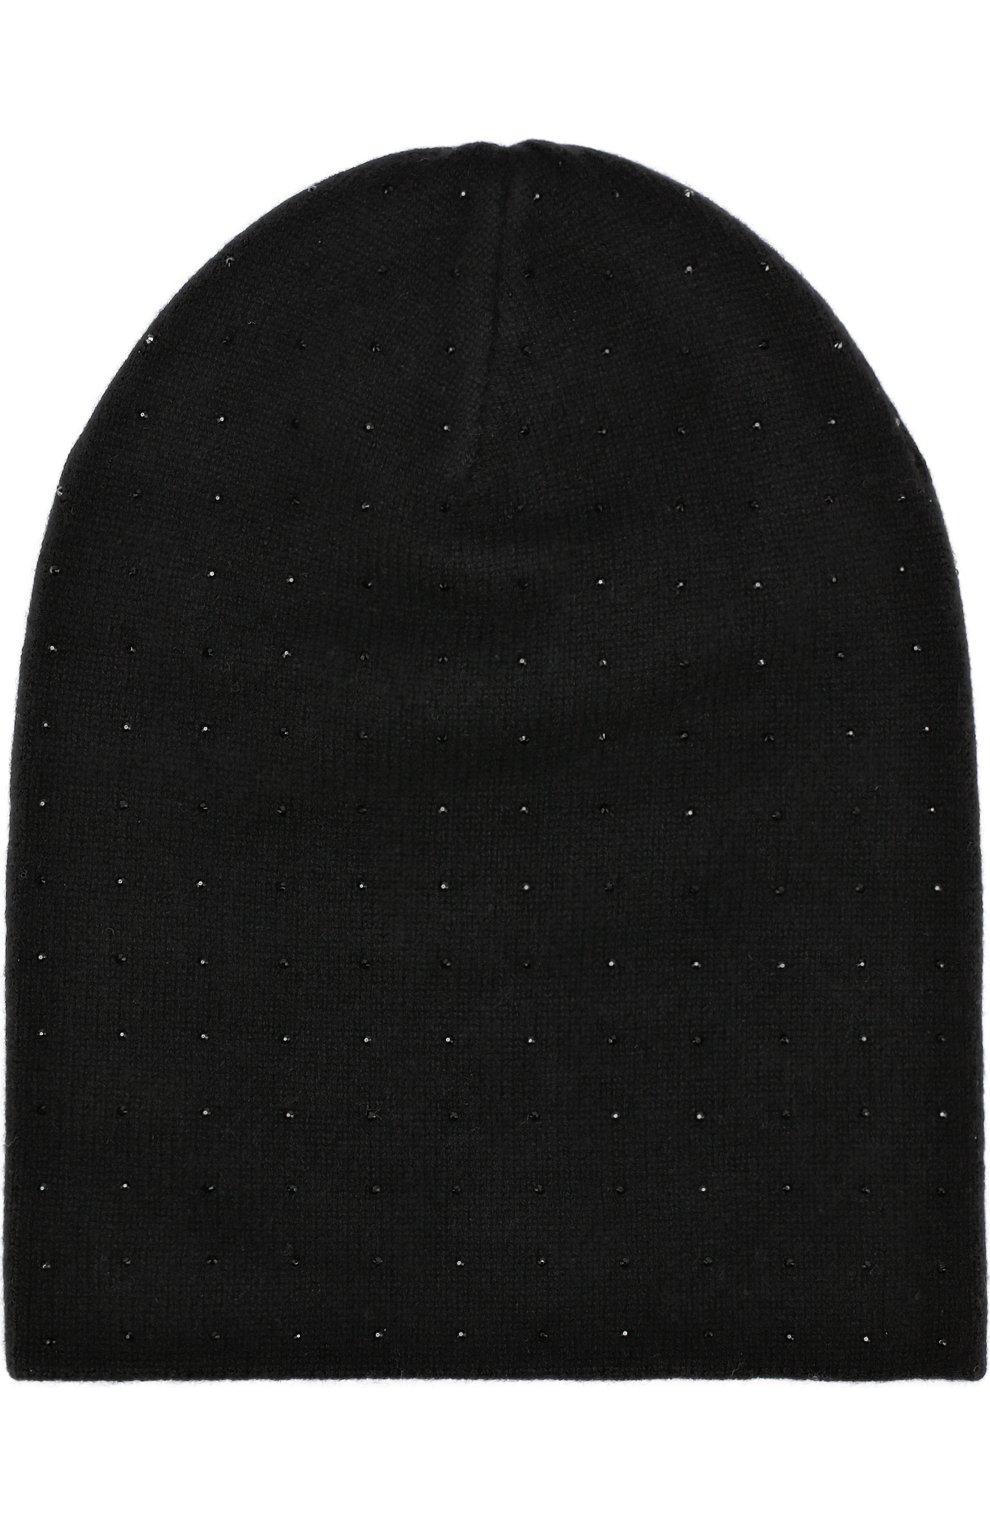 Кашемировая шапка бини с отделкой стразами William Sharp черного цвета | Фото №2